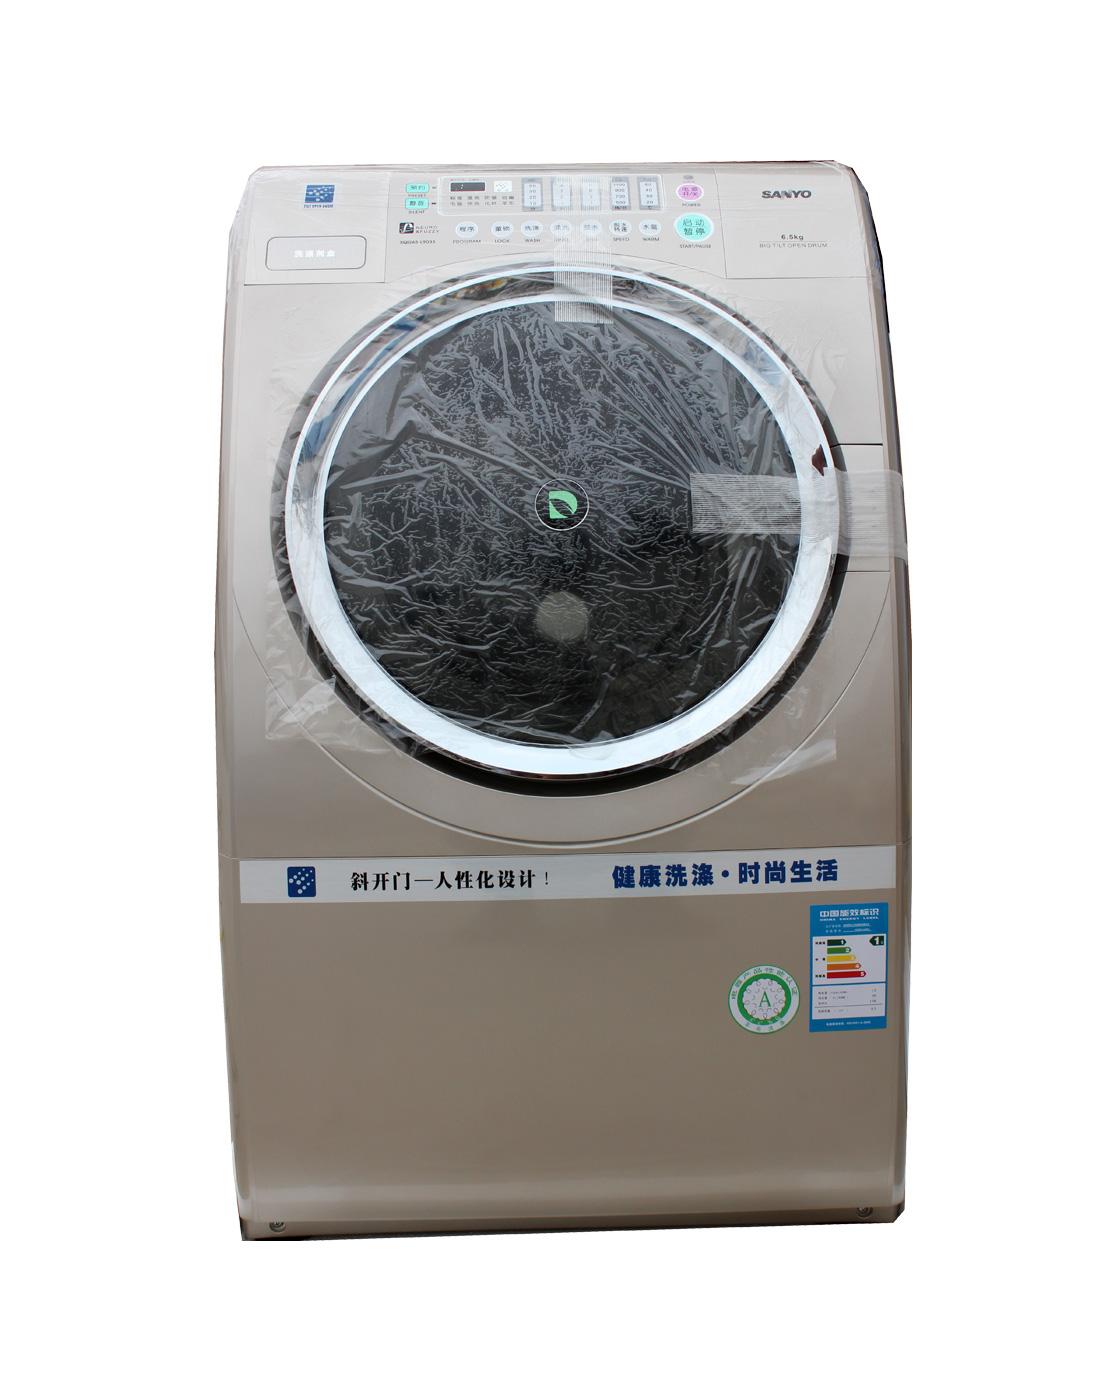 荣事达&三洋家电三洋 滚筒洗衣机玫瑰金xqg65-l903s